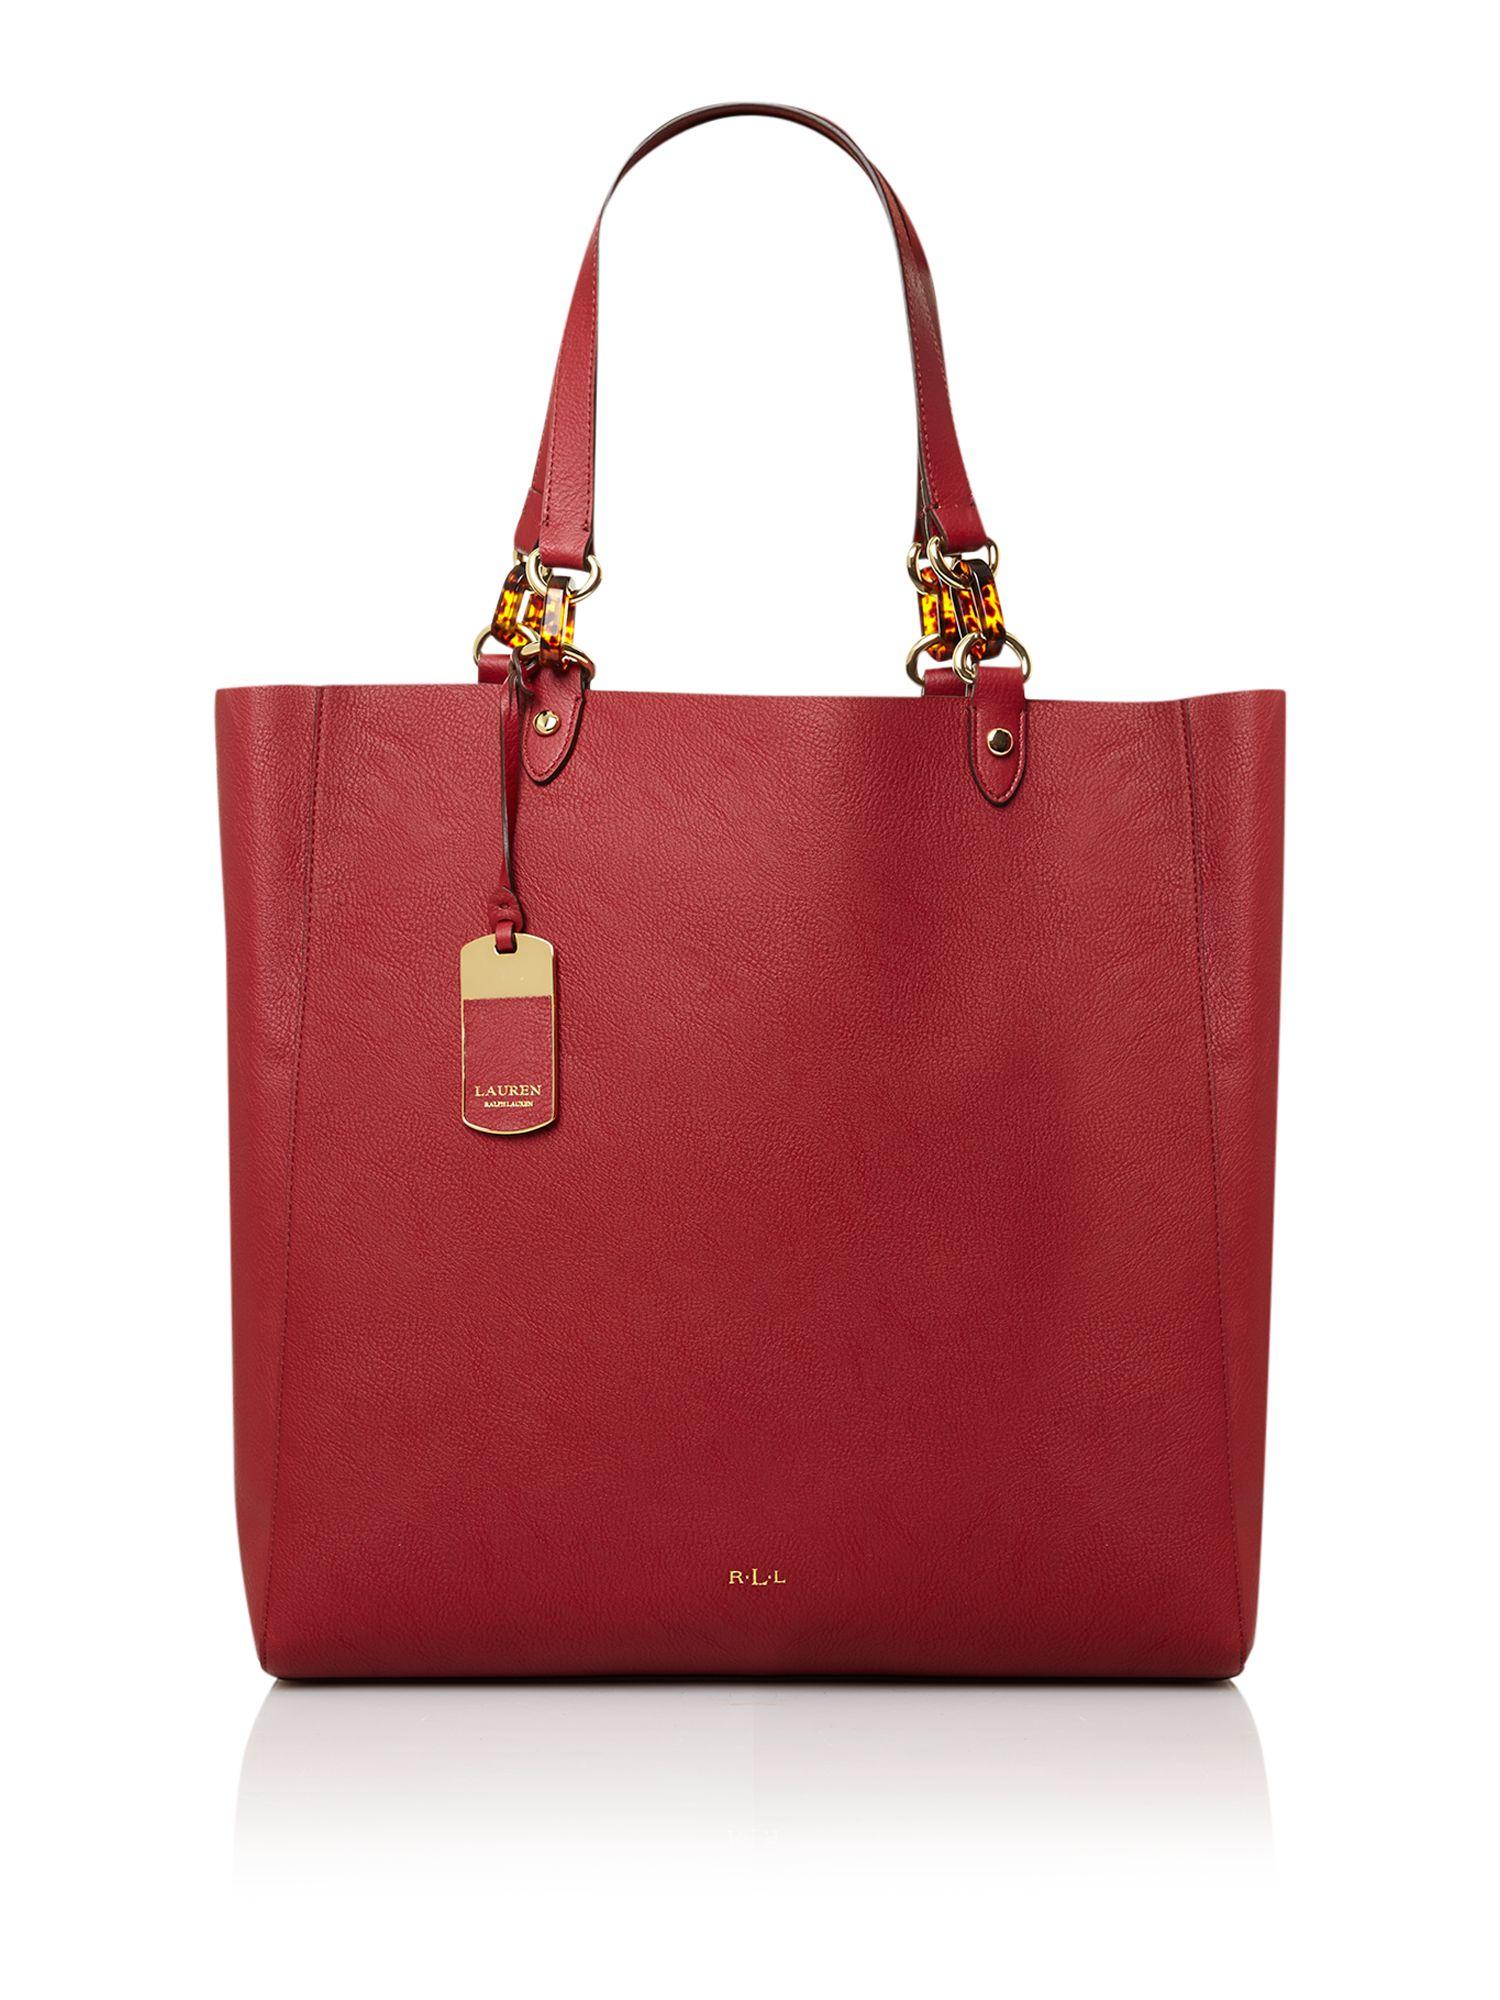 0b185d0cd567 ... discount code for lauren by ralph lauren bembridge red tote bag in red  lyst 7425c 61546